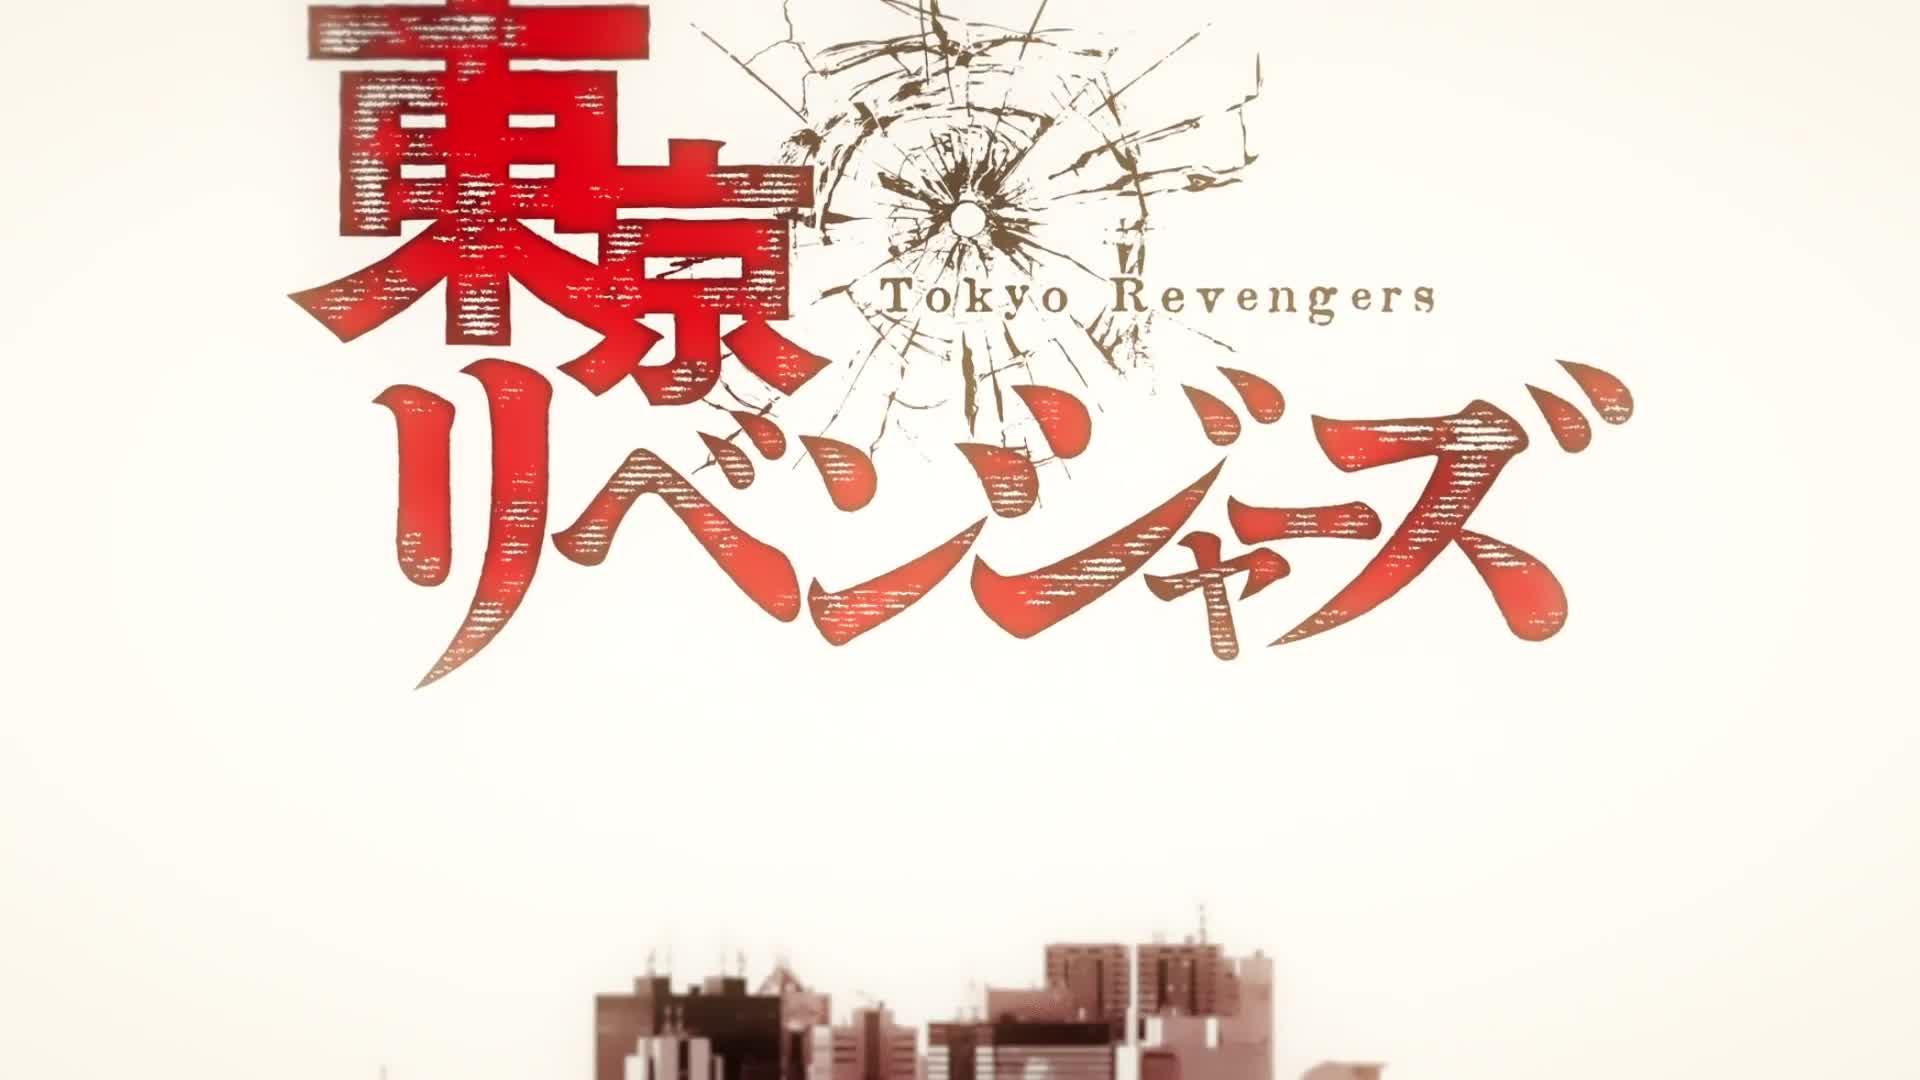 Tokyo Revengers (Dub)